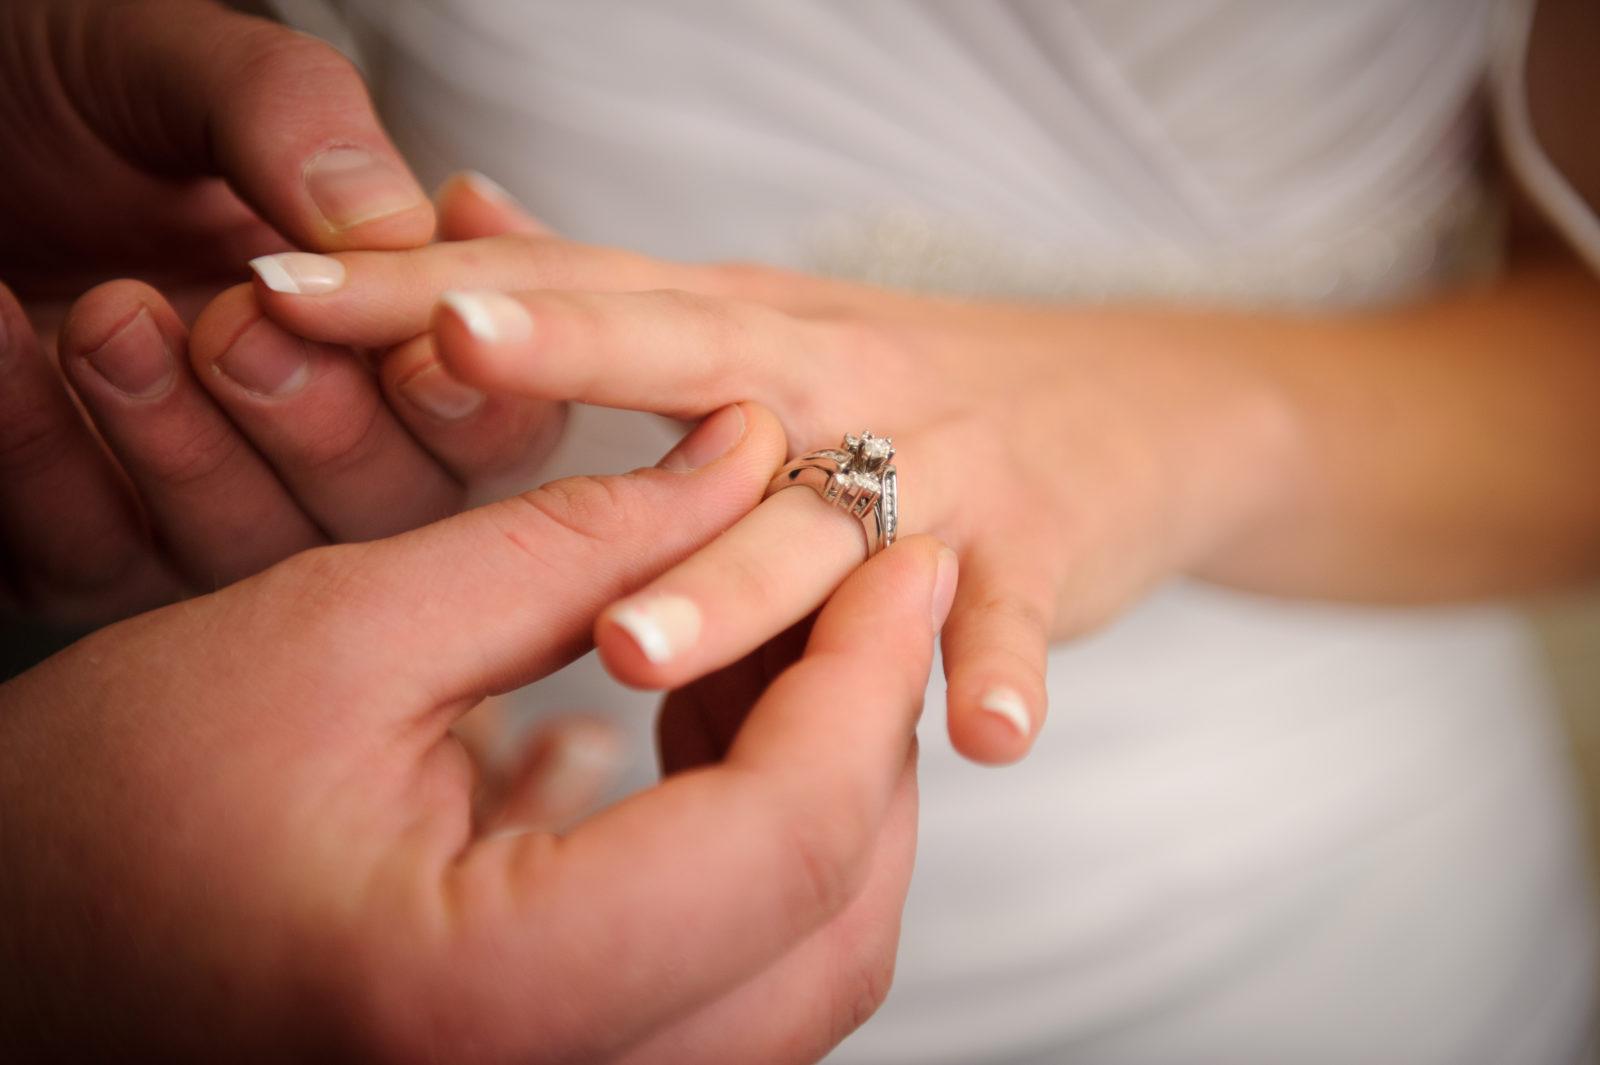 Сонник обручальное кольцо своей руке